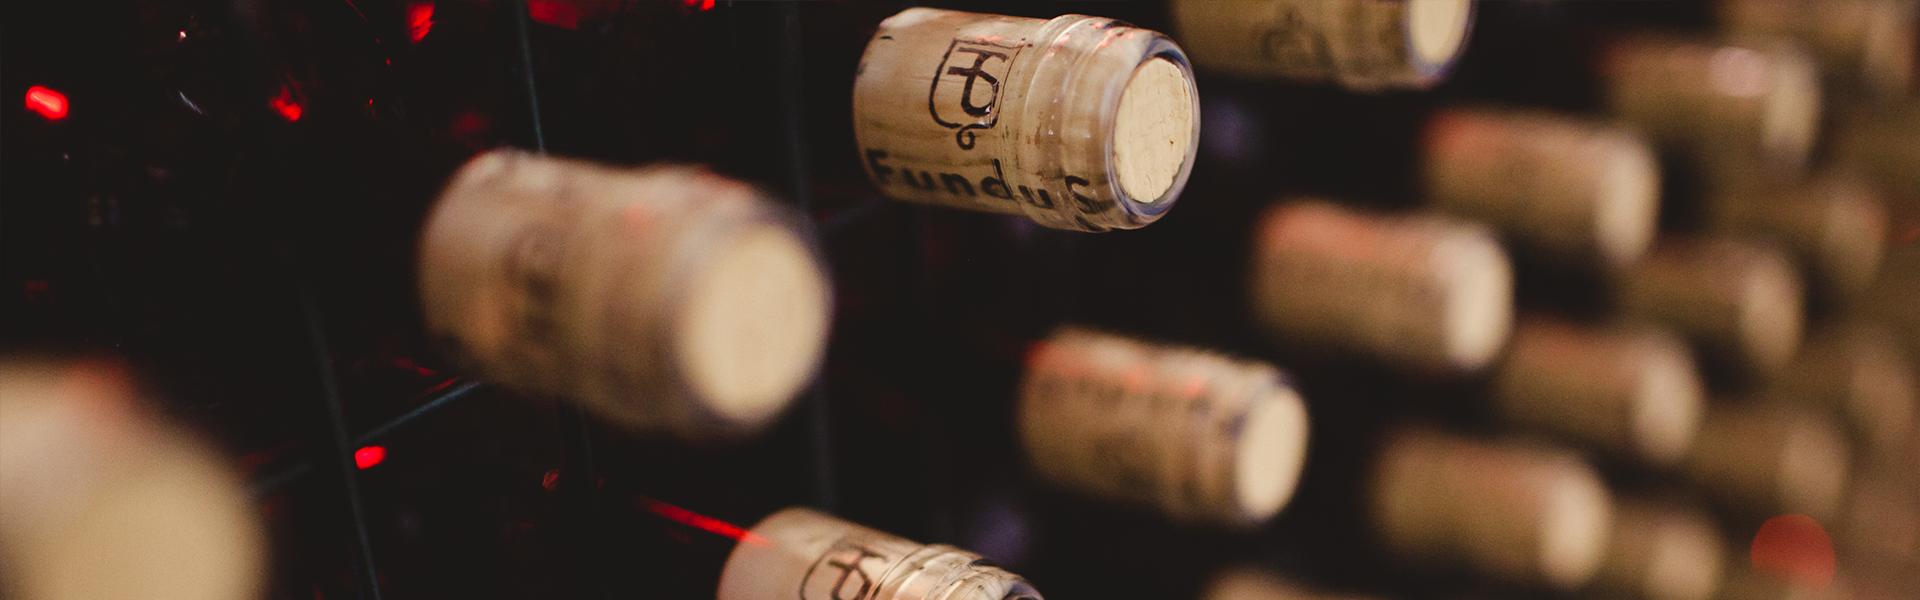 vinos 4